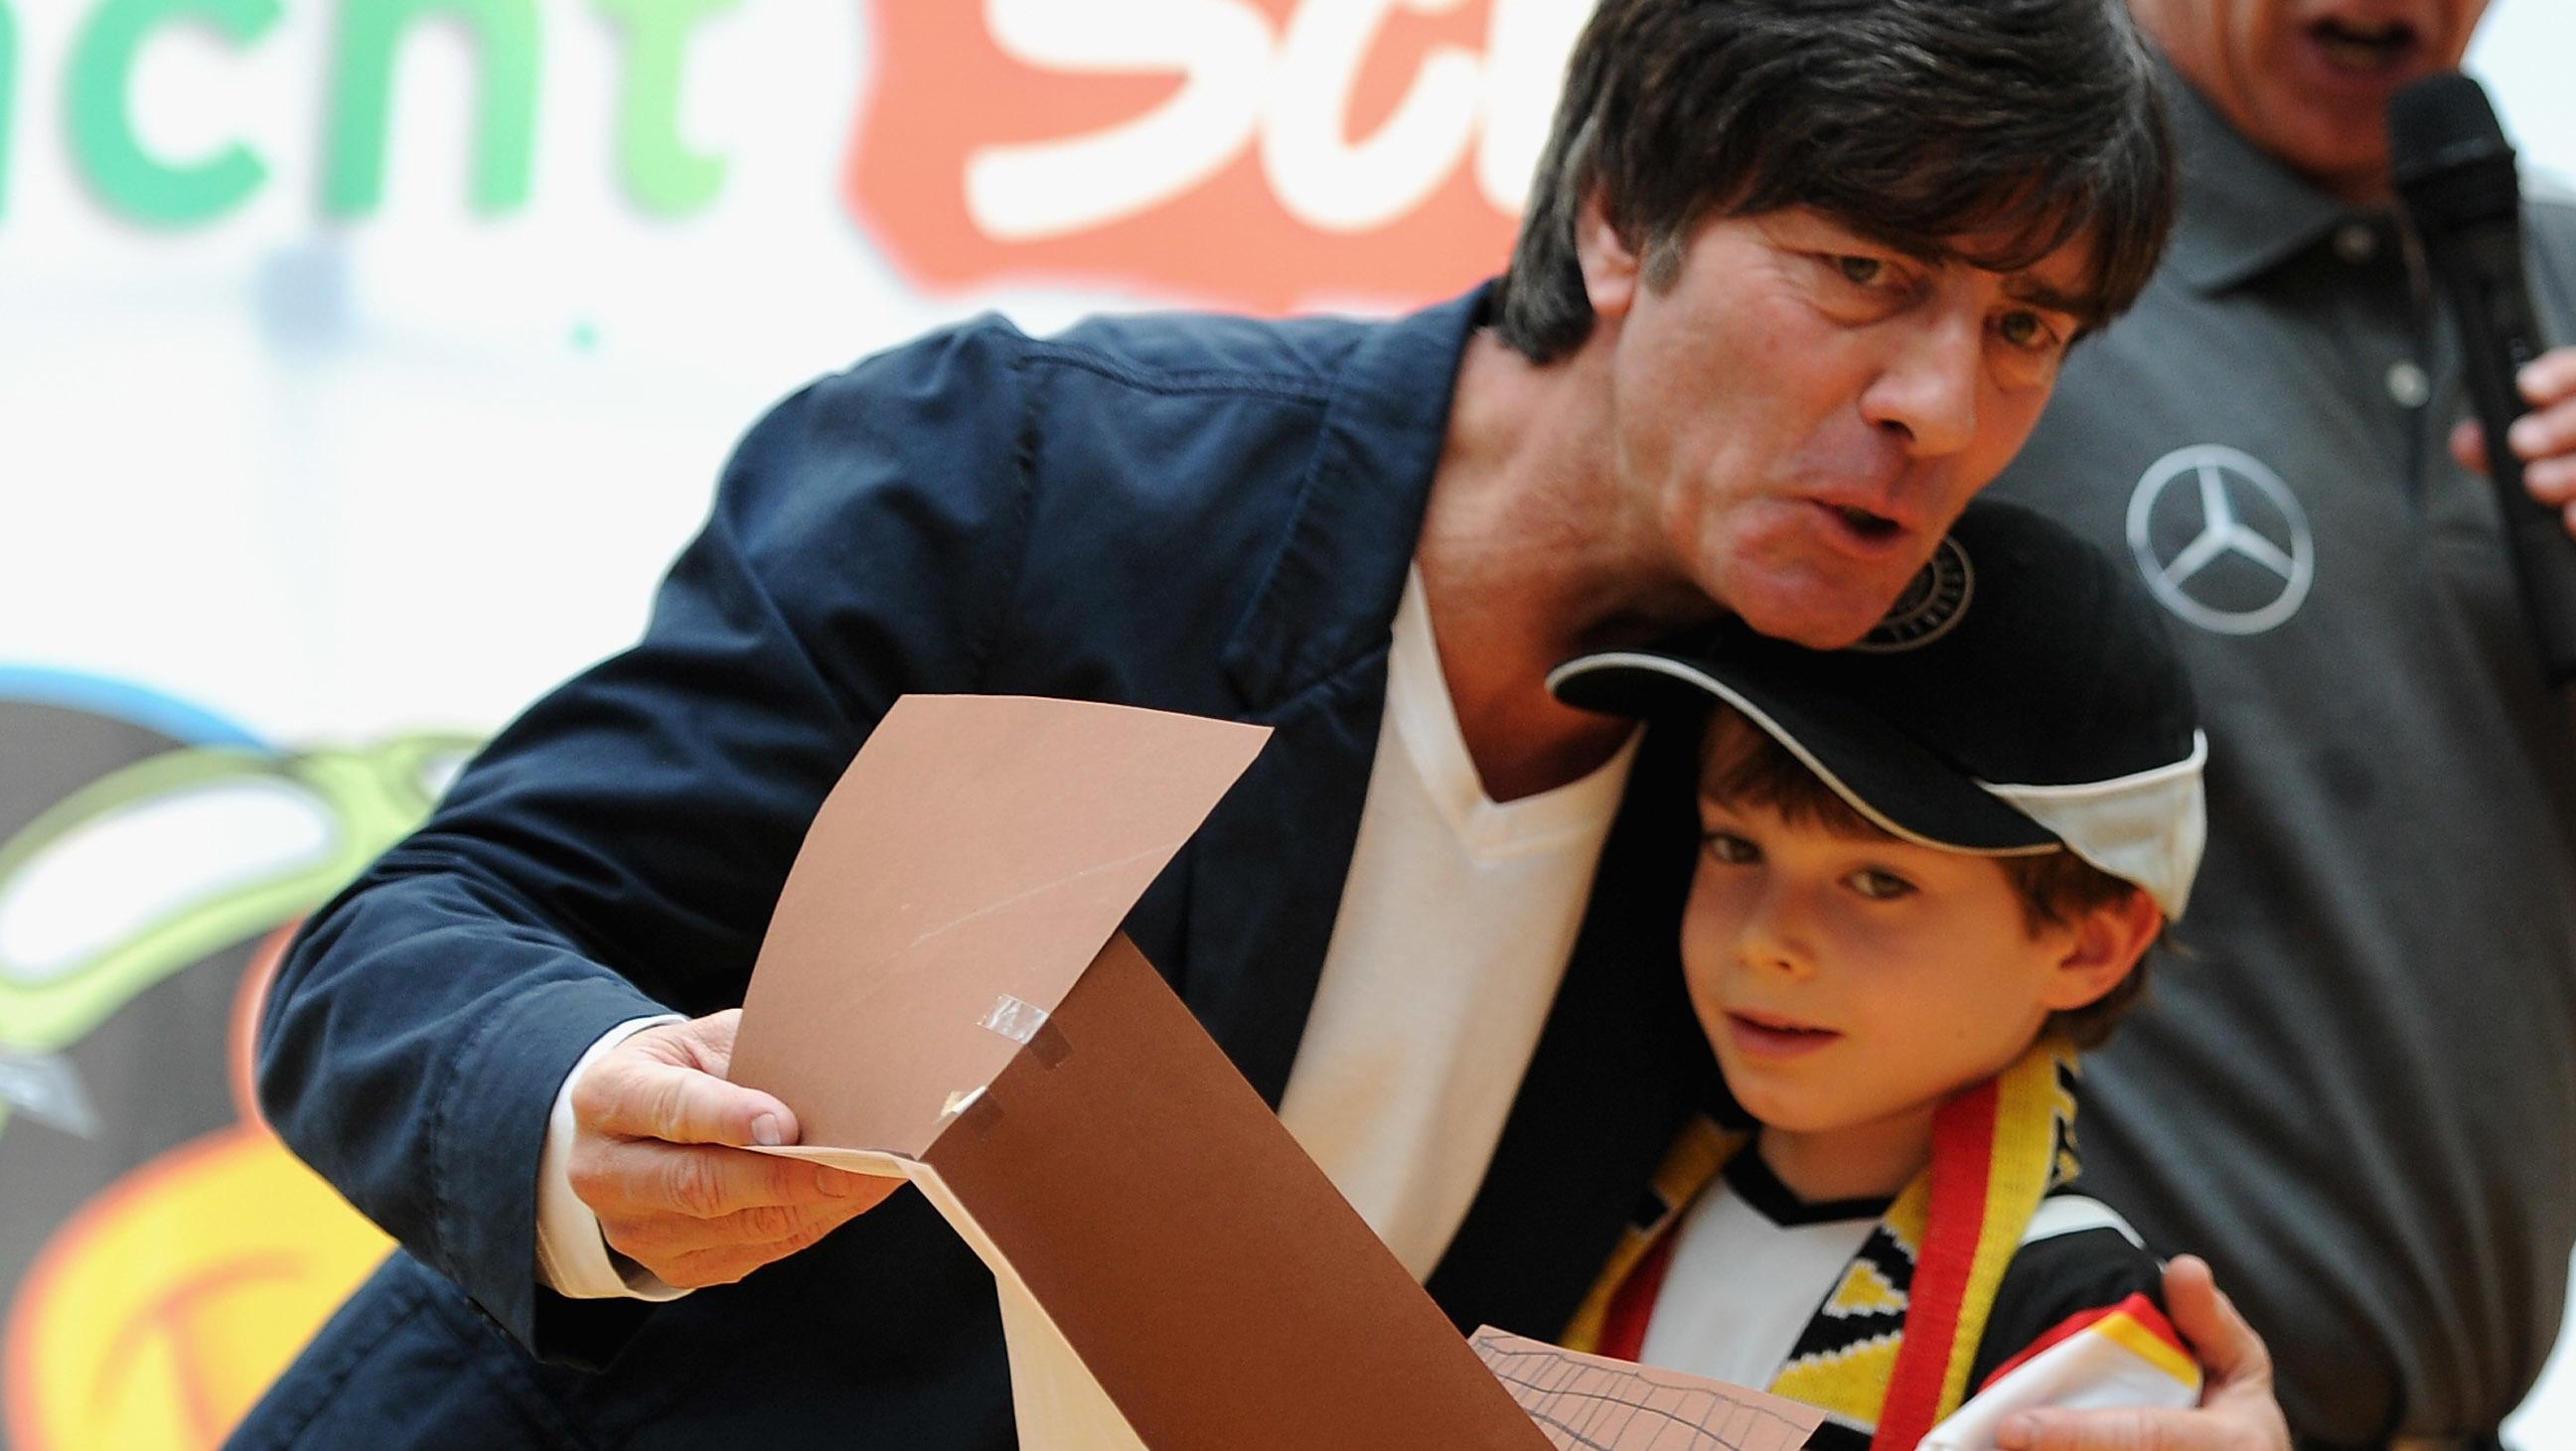 Bundestrainer Joachim Loew umarmt einen junge Fußballfan während eines Schulbesuchs. (Photo by Dennis Grombkowski/Bongarts/Getty Images)